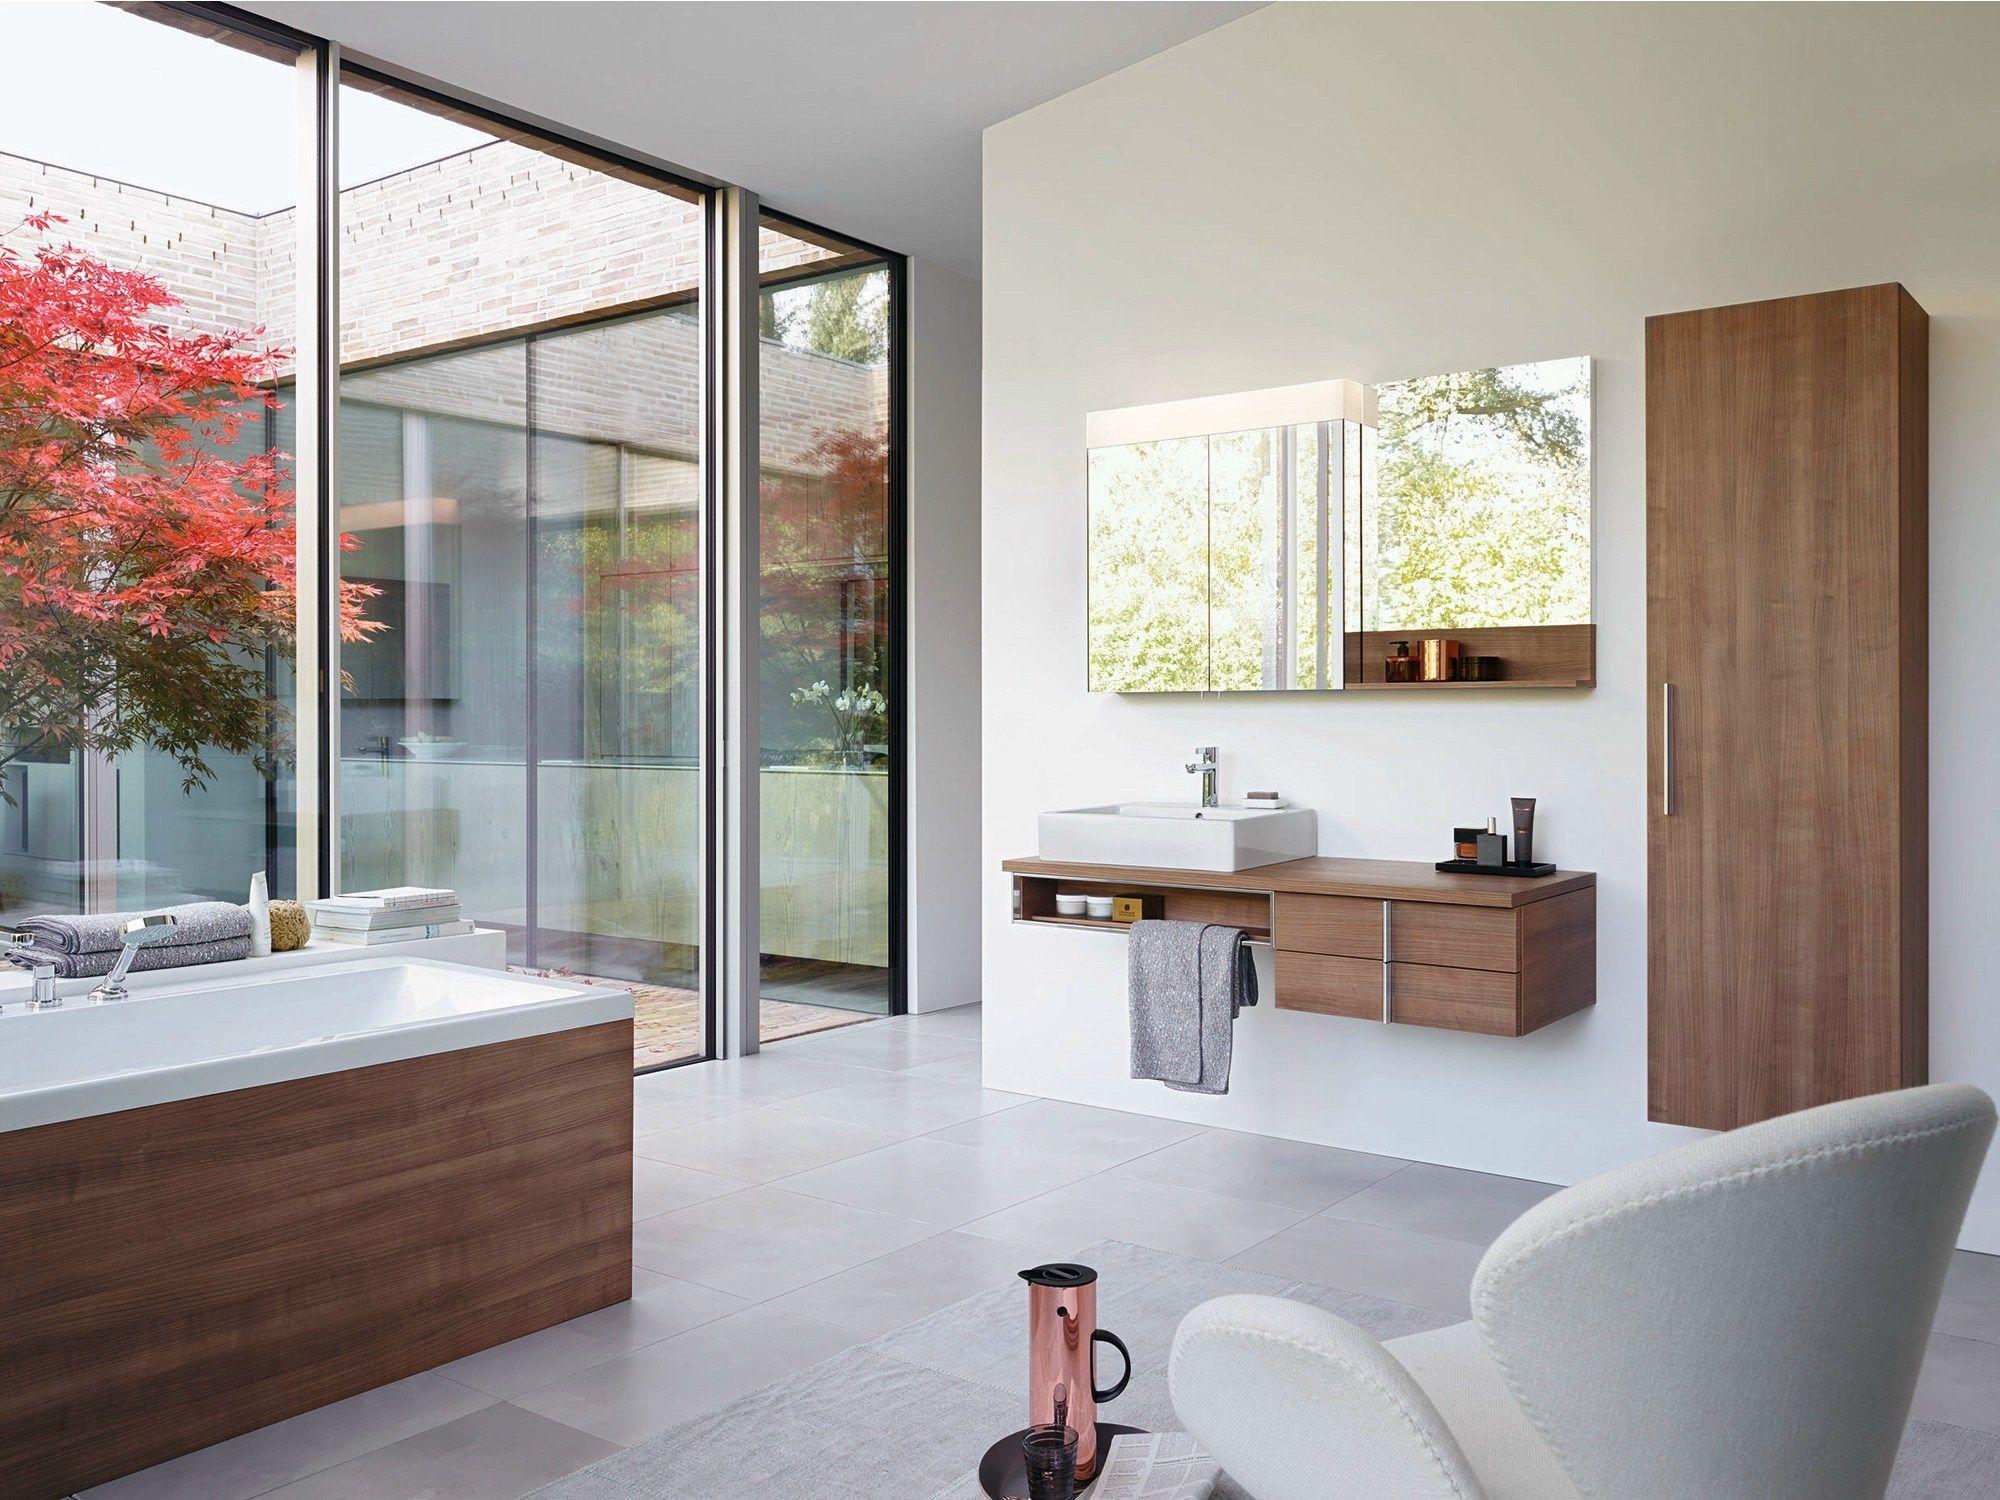 Vero einzel waschtischunterschrank by duravit design kurt for Design waschtischunterschrank